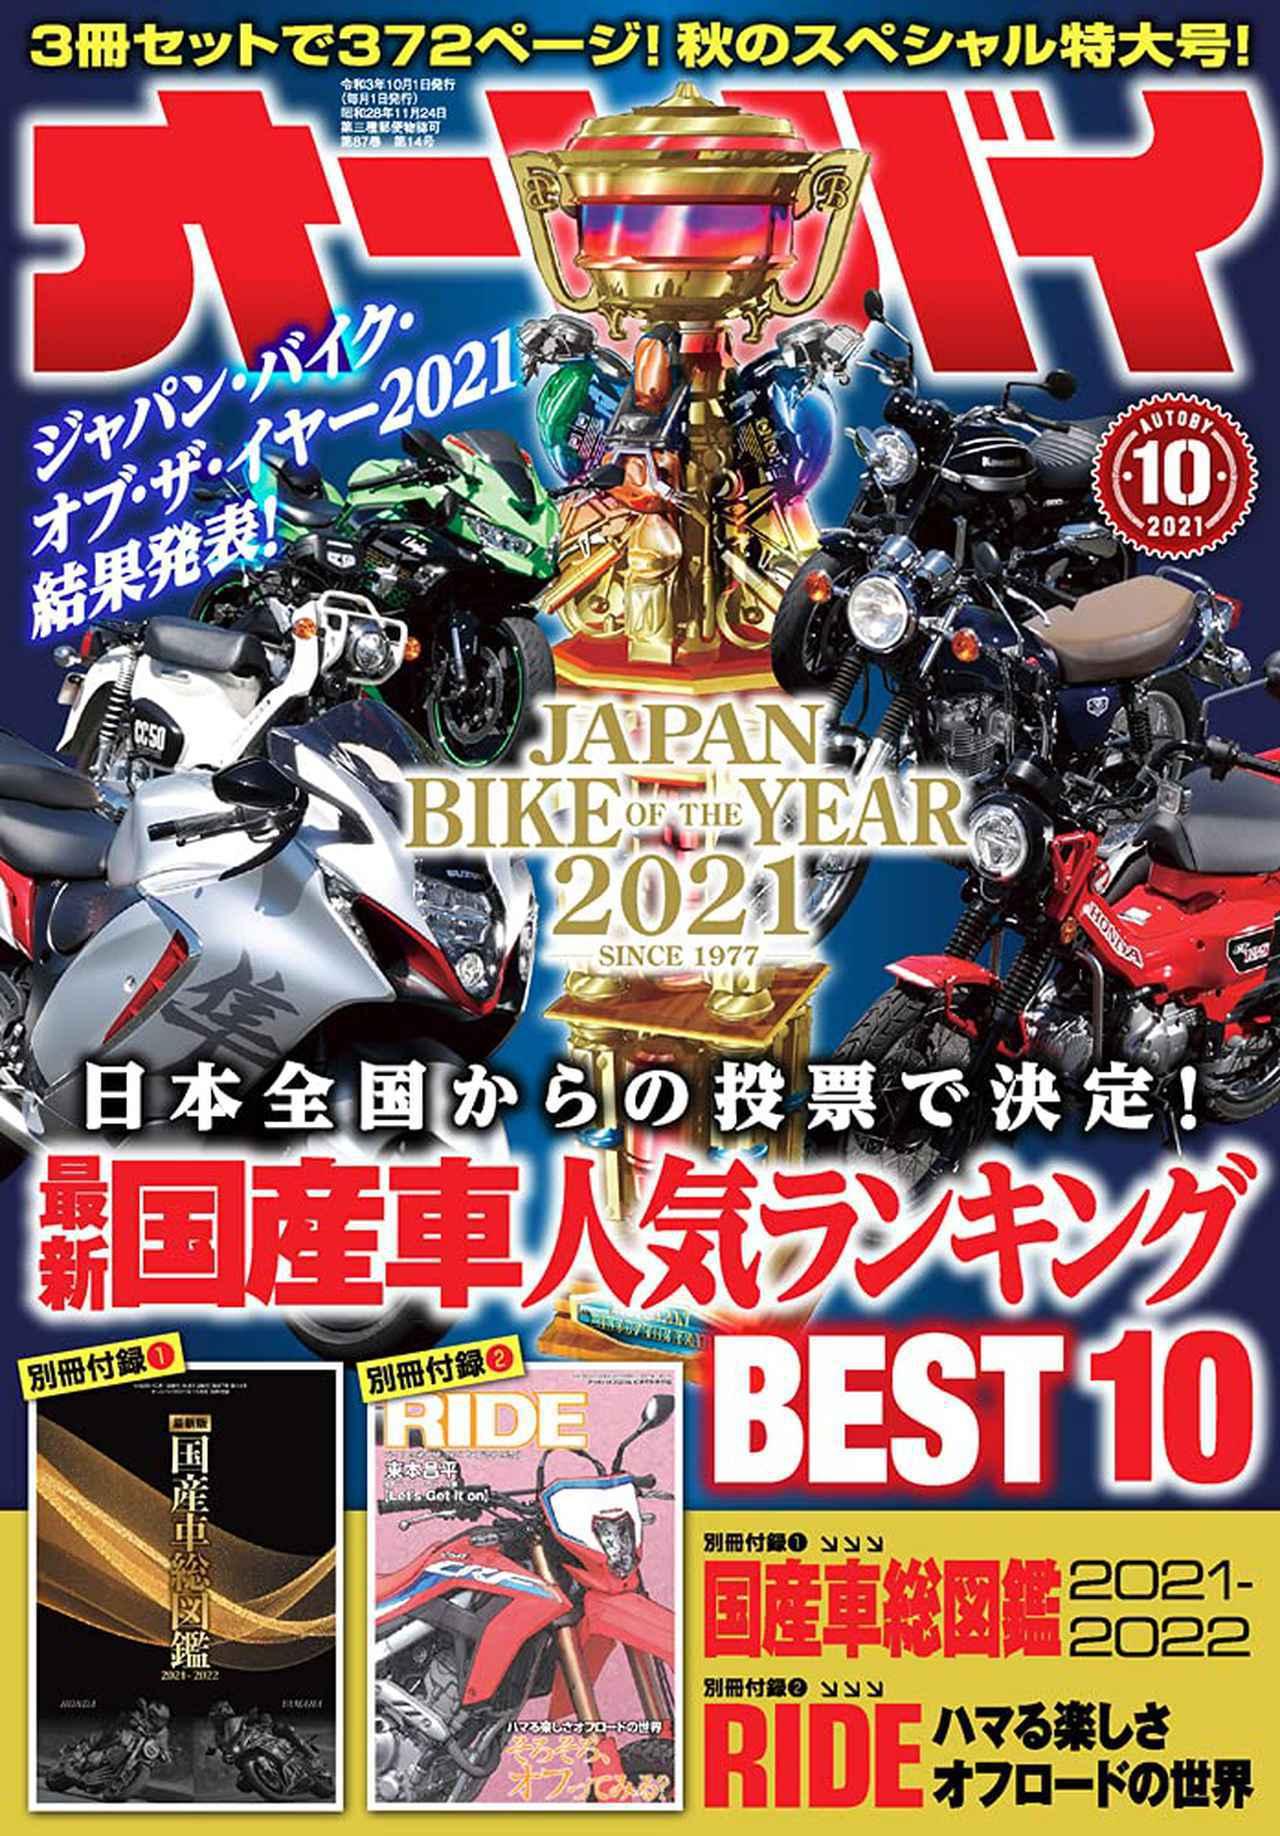 画像2: 「ジャパン・バイク・オブ・ザ・イヤー 2021」の結果を発表! 月刊『オートバイ』10月号でいま最も人気のバイクが分かります!